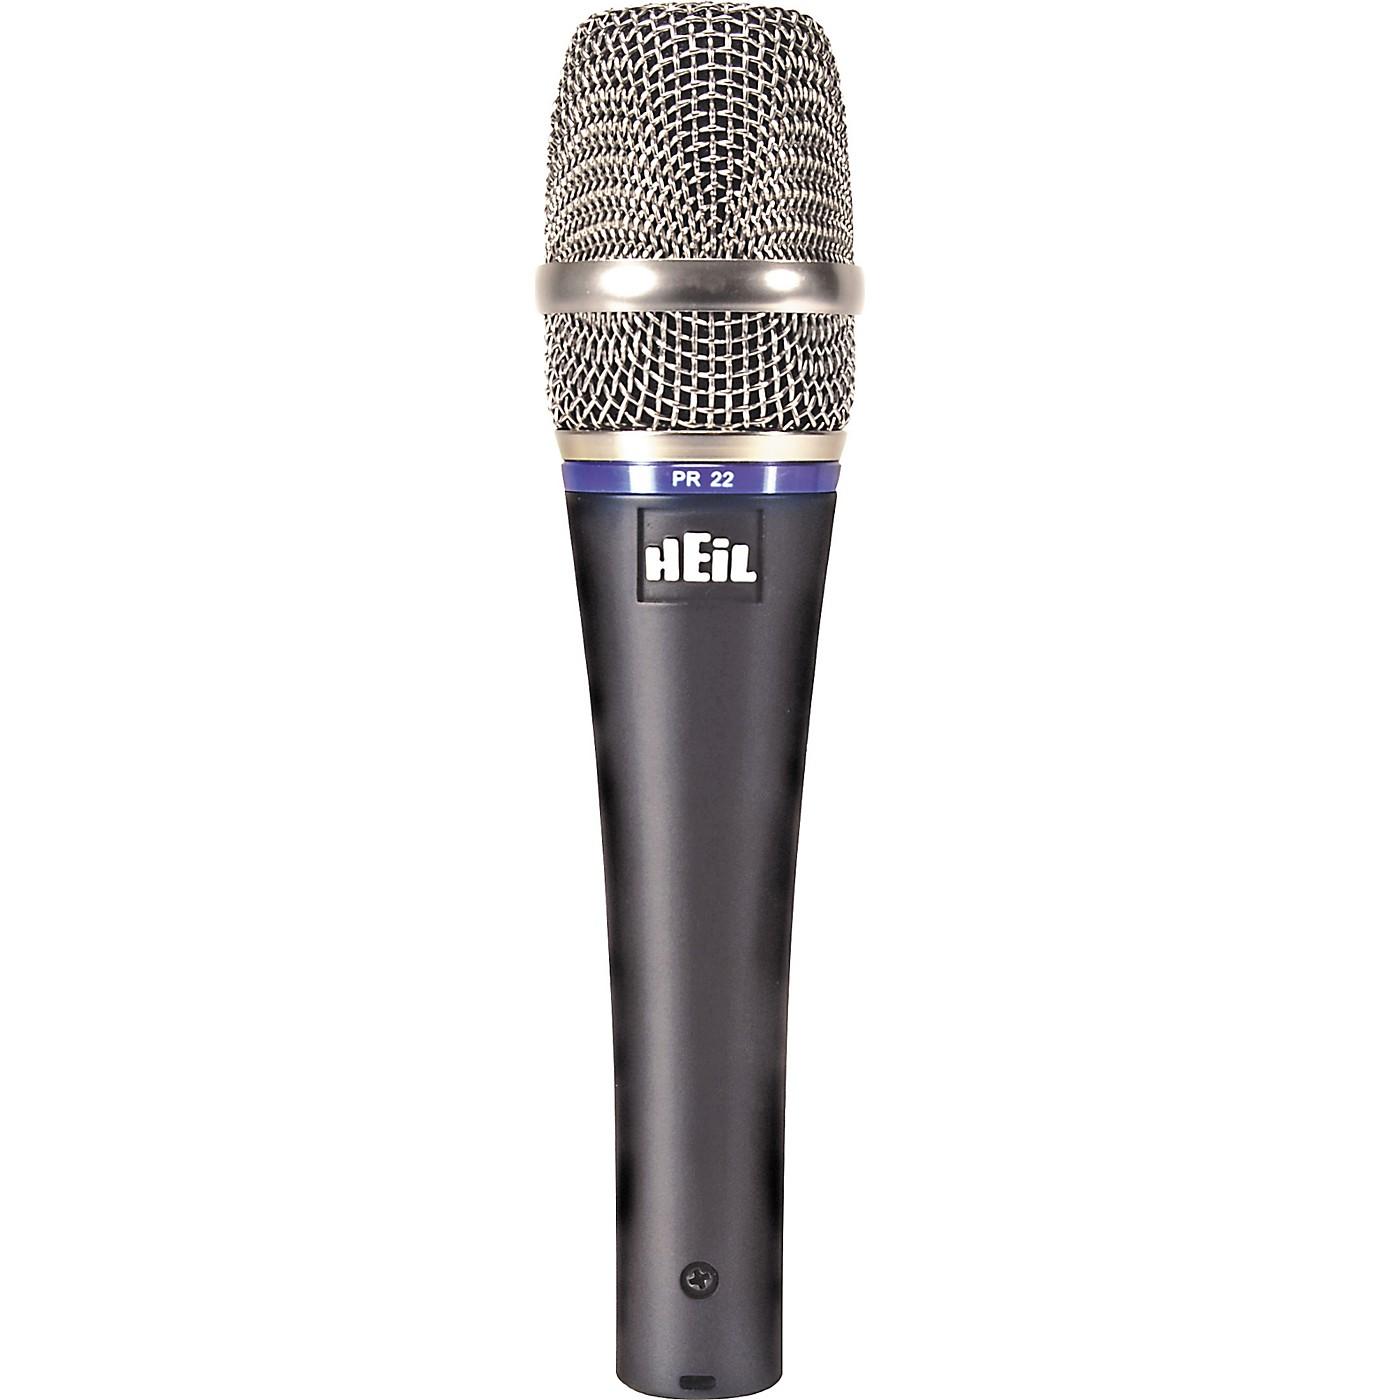 Heil Sound PR 22 Noise-Rejection Microphone thumbnail